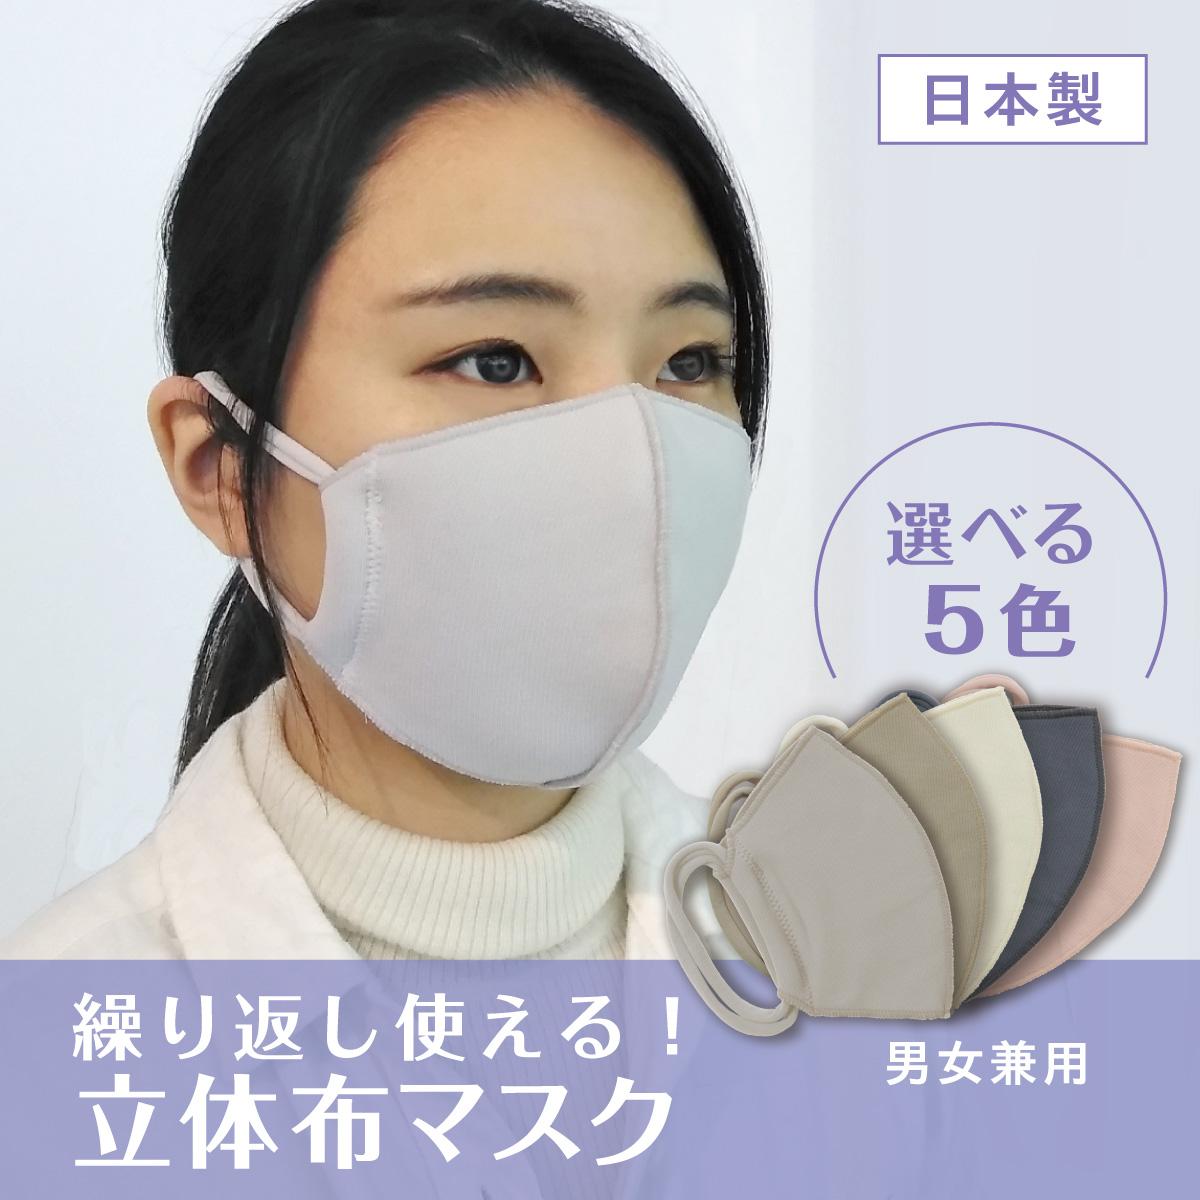 洗える マスク アツギ (公式) マスク